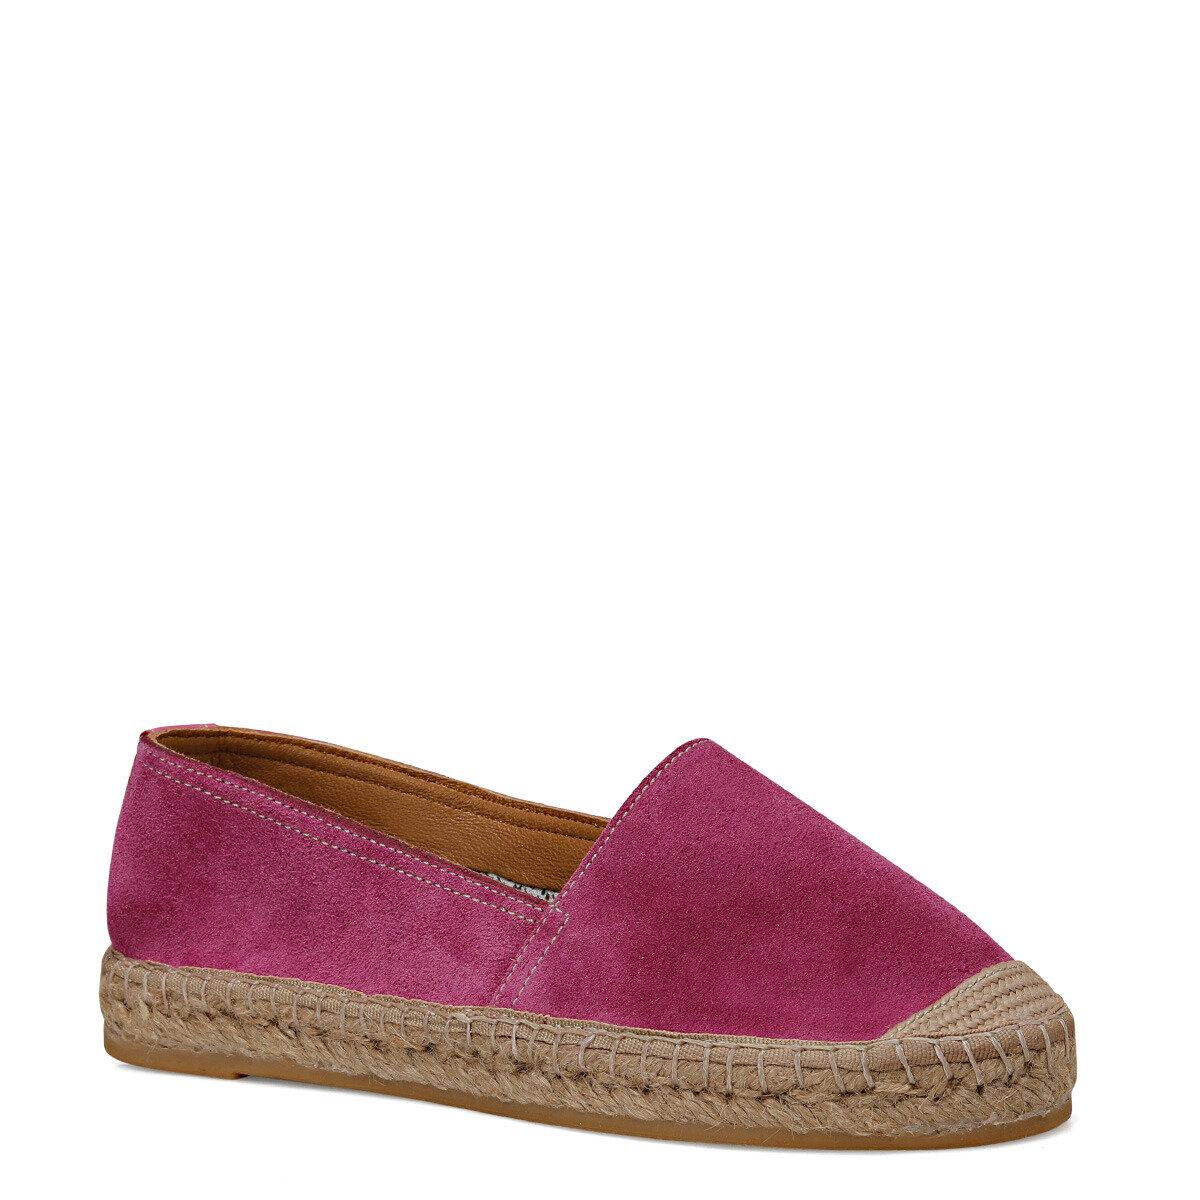 CASSATT Fuşya Kadın Espadril Ayakkabı